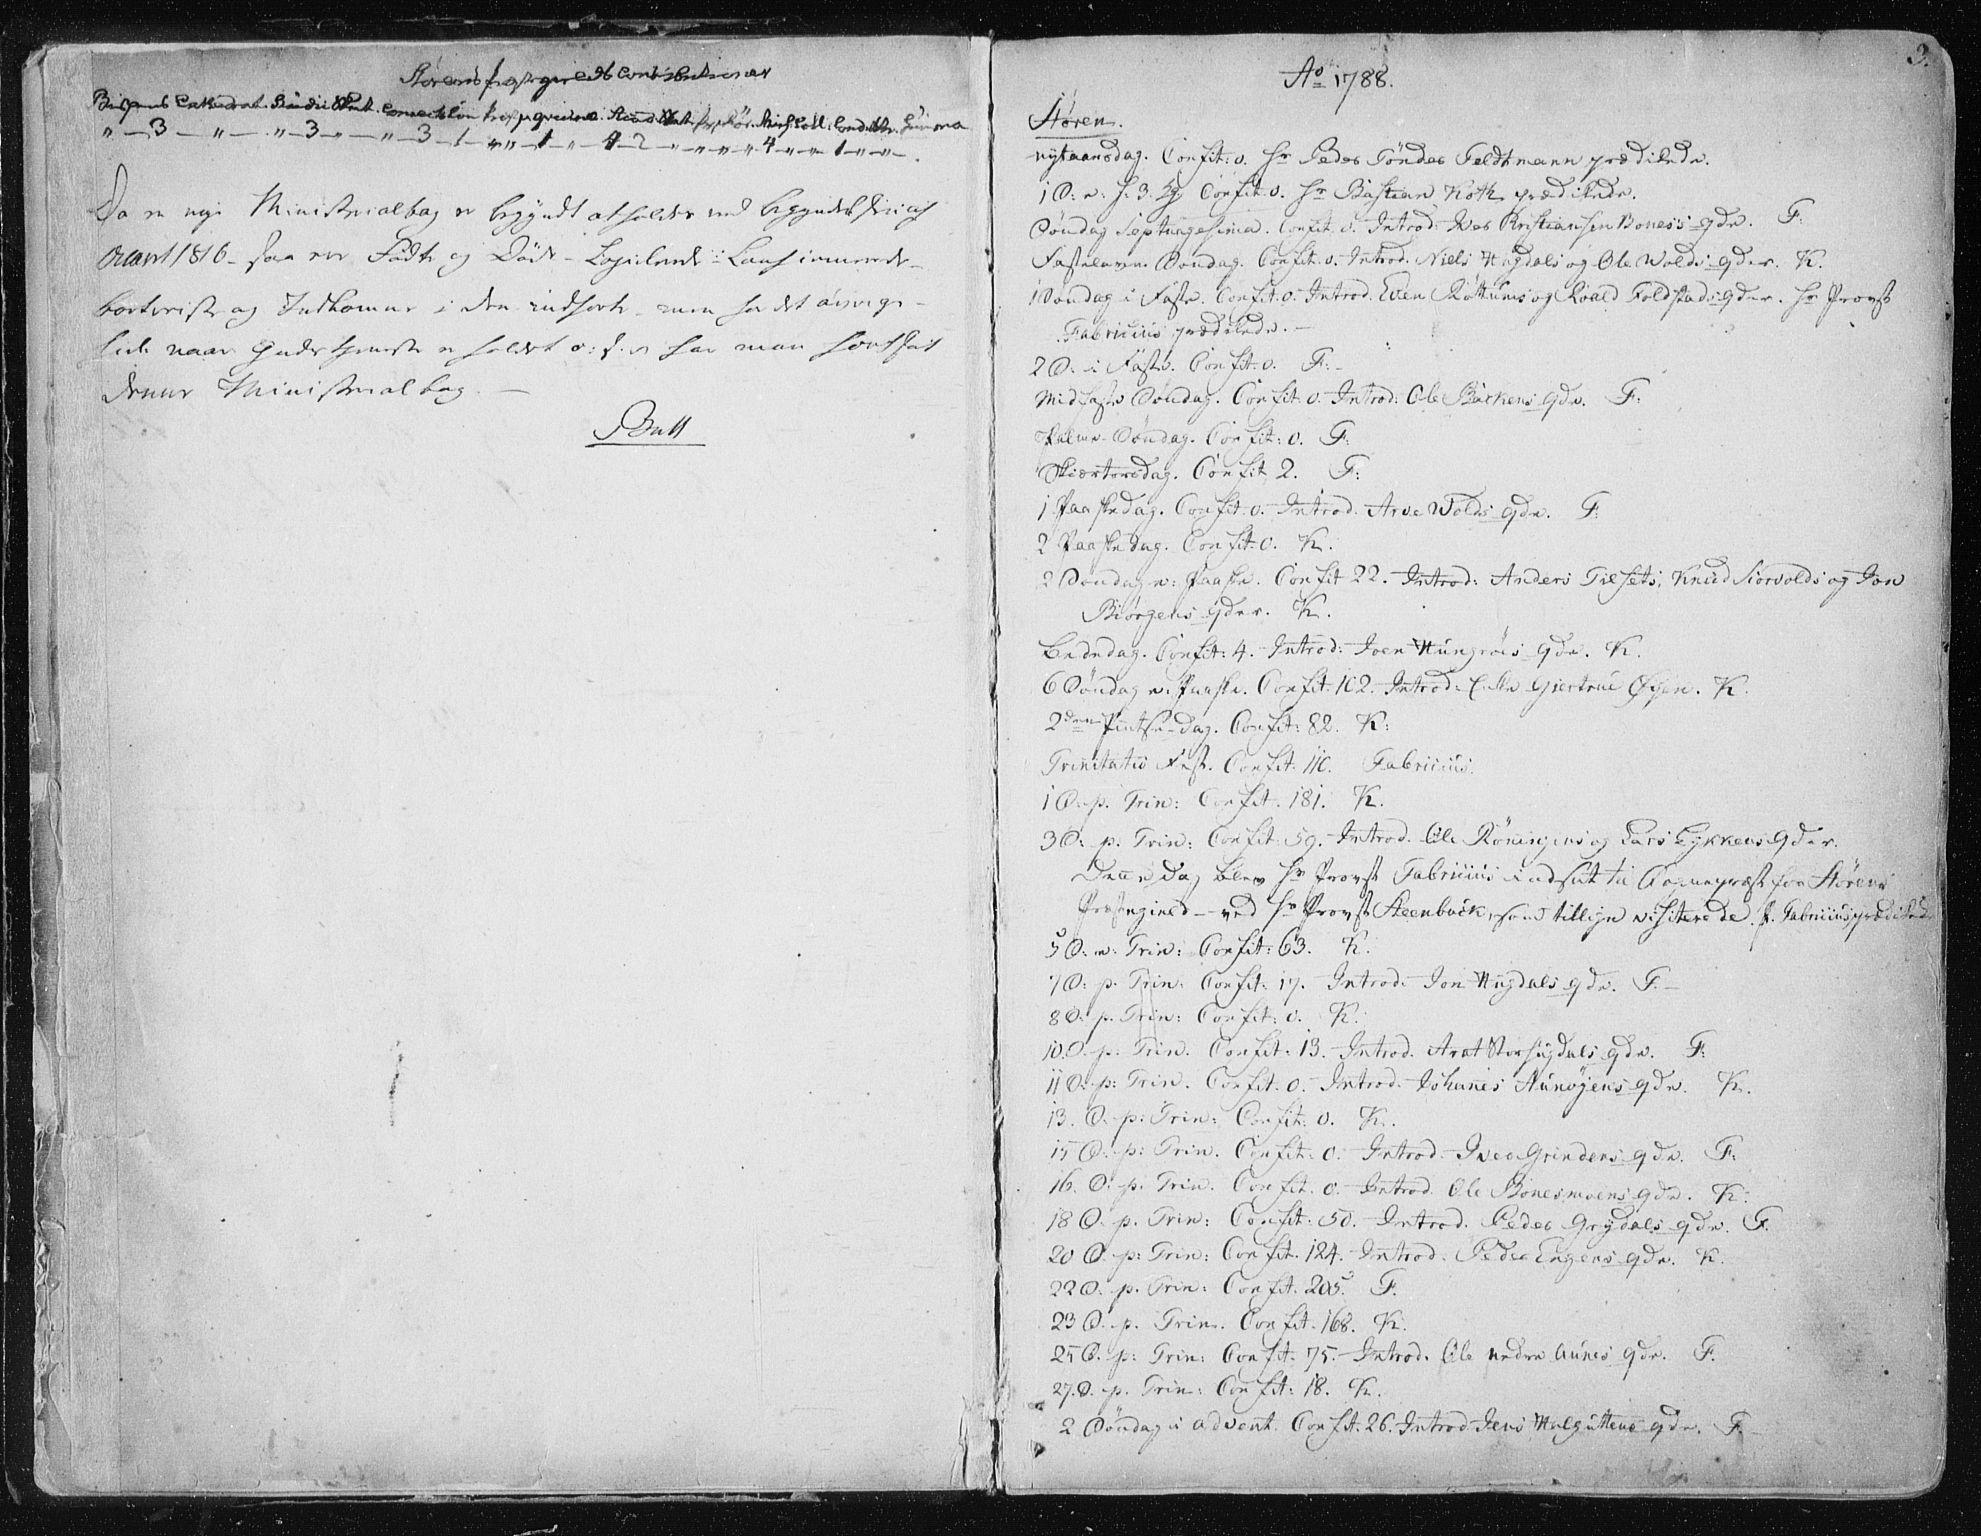 SAT, Ministerialprotokoller, klokkerbøker og fødselsregistre - Sør-Trøndelag, 687/L0992: Ministerialbok nr. 687A03 /1, 1788-1815, s. 2-3